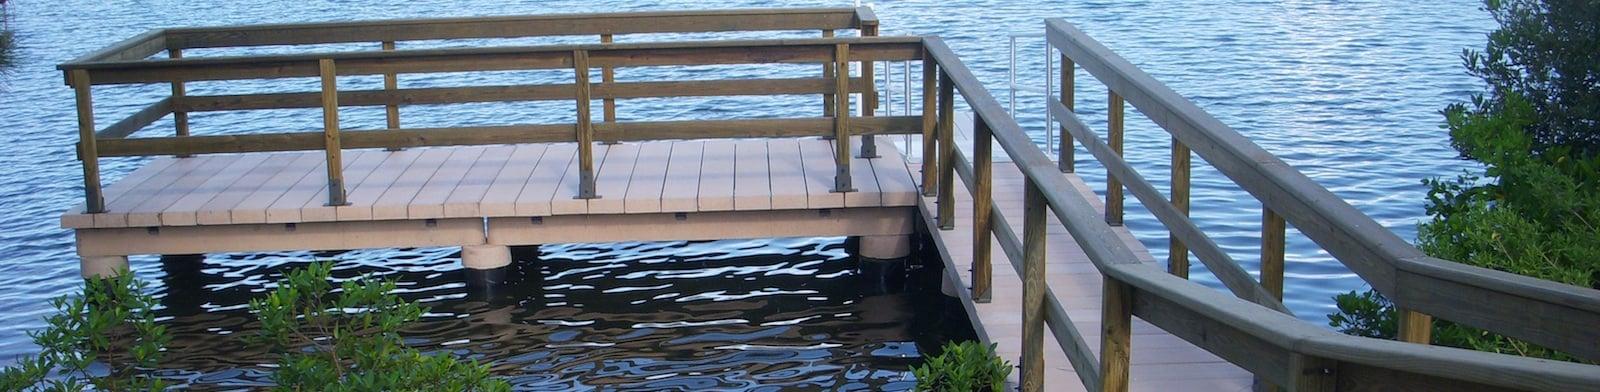 Osprey_HV_Observation_Deck_Coastal_Construction1.jpg